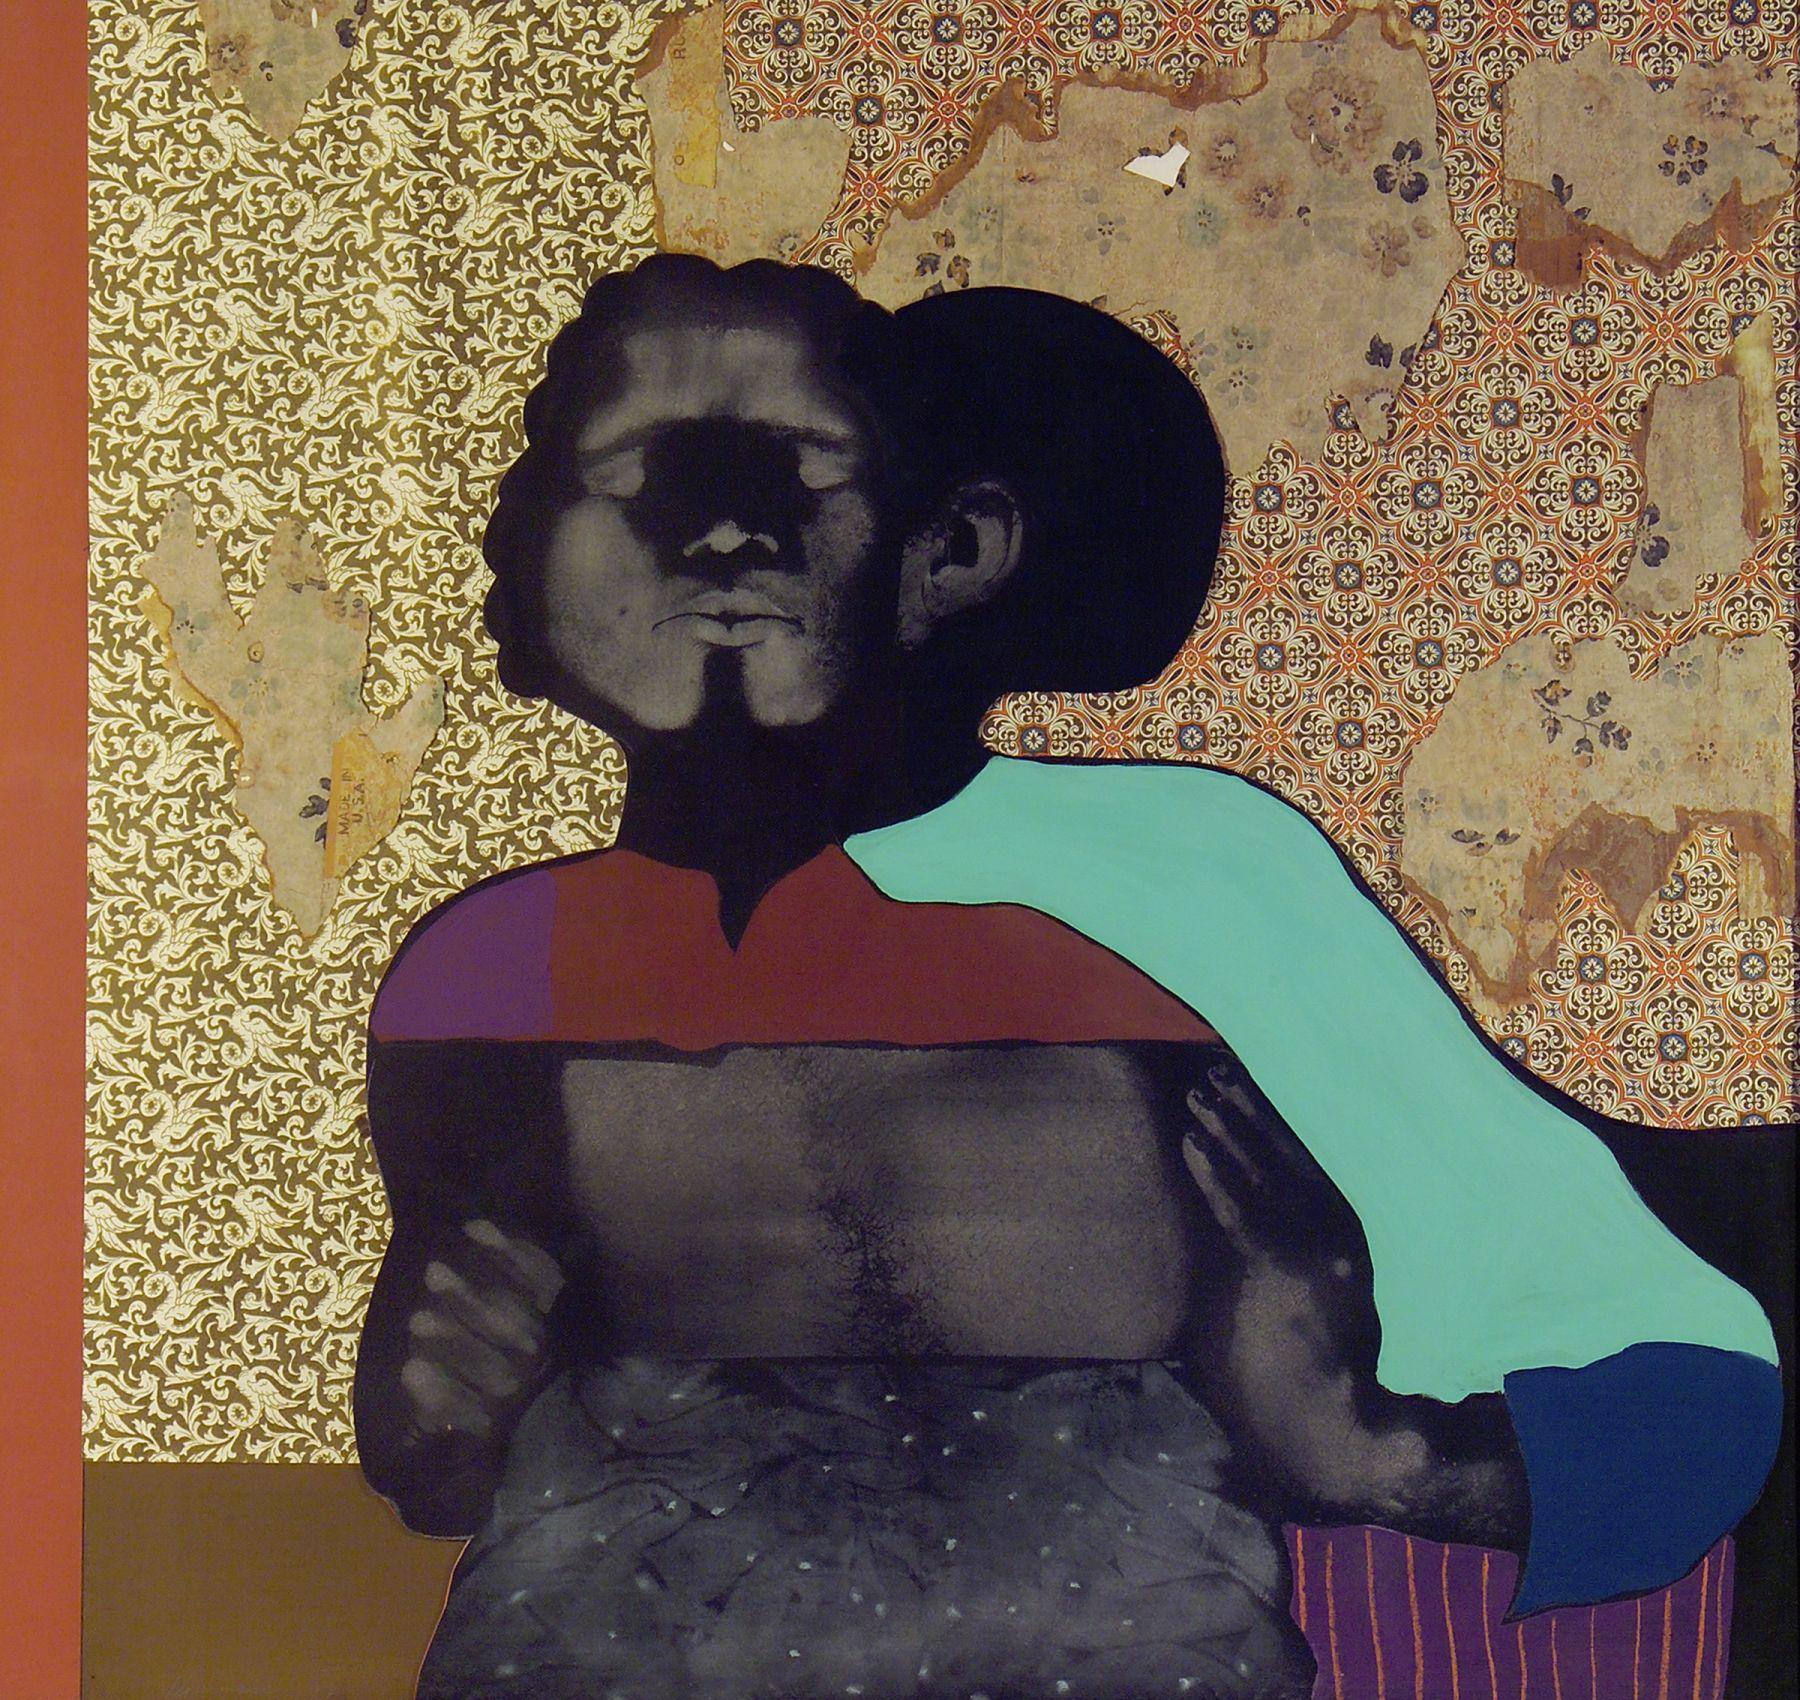 David Hammons Ebony Kiss, 1974